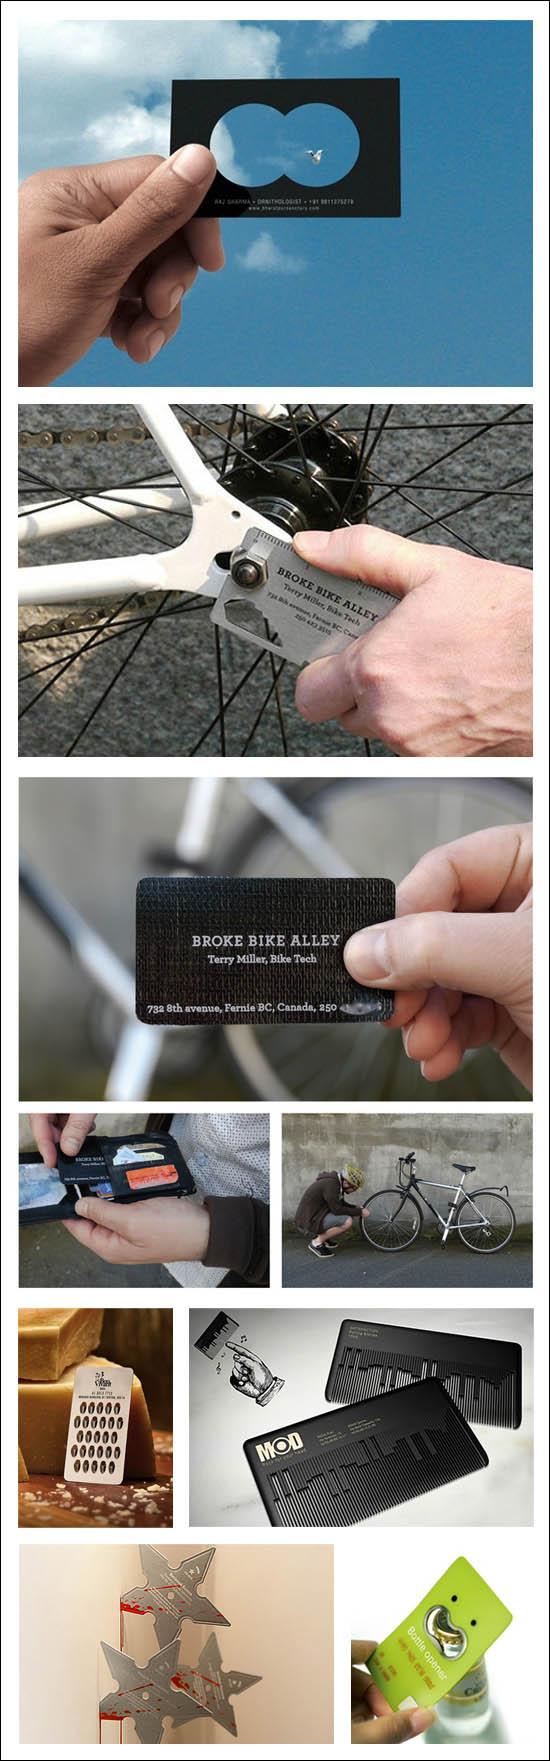 bc.usecards